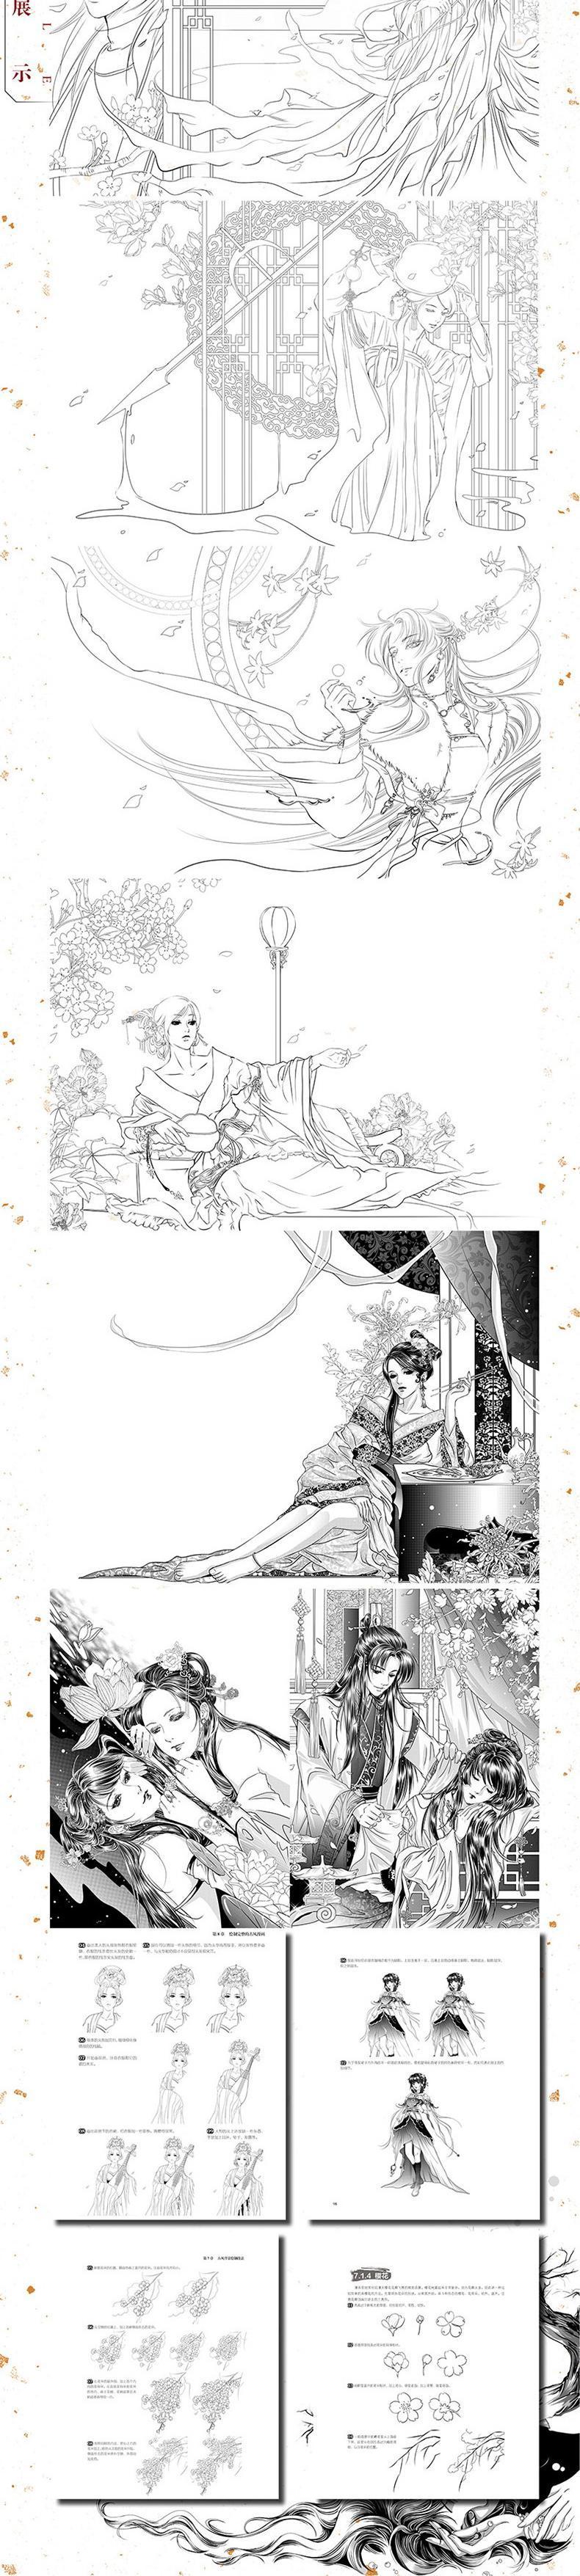 插画教程 cg漫画绘制技法 古风铅笔素描书:古风漫画绘制技法从入门到